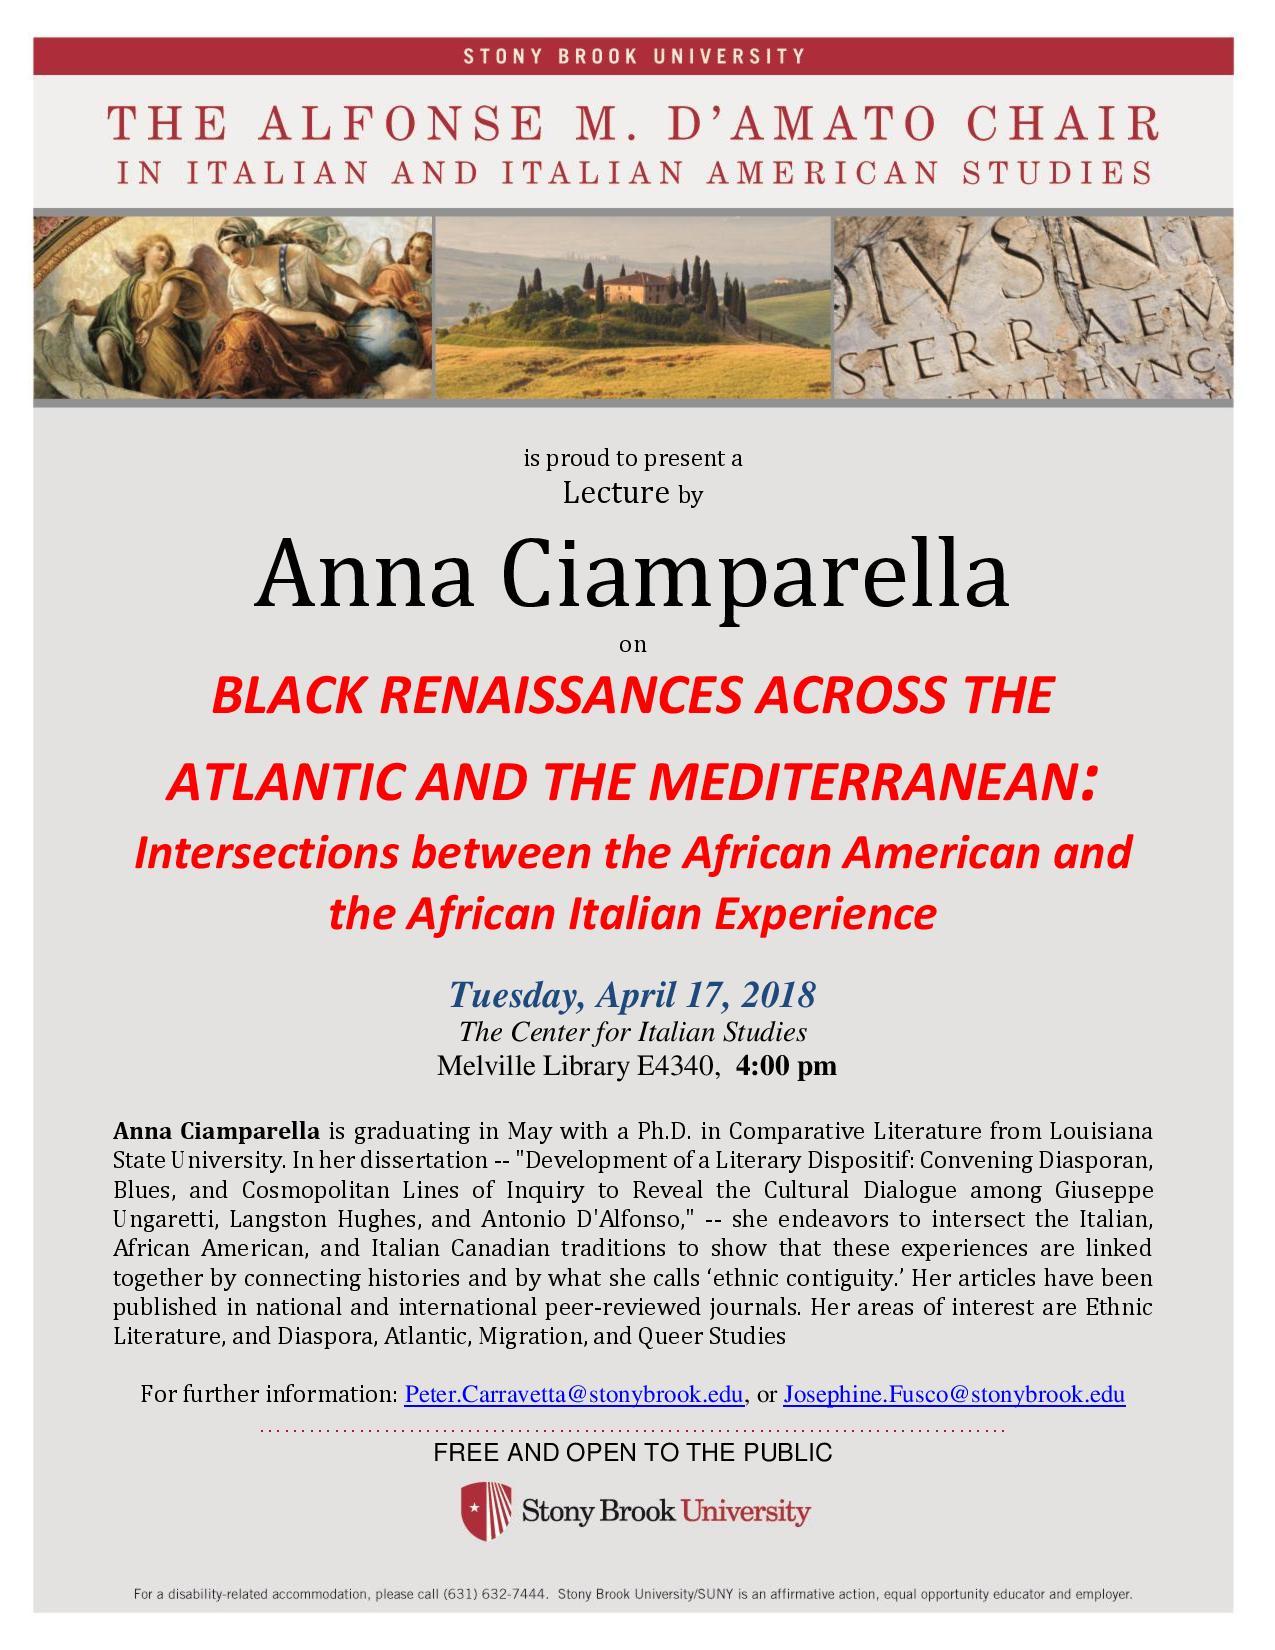 Apr. 2018_D Amato lecture by Ciamparella April 17 CORRECTED-page-001